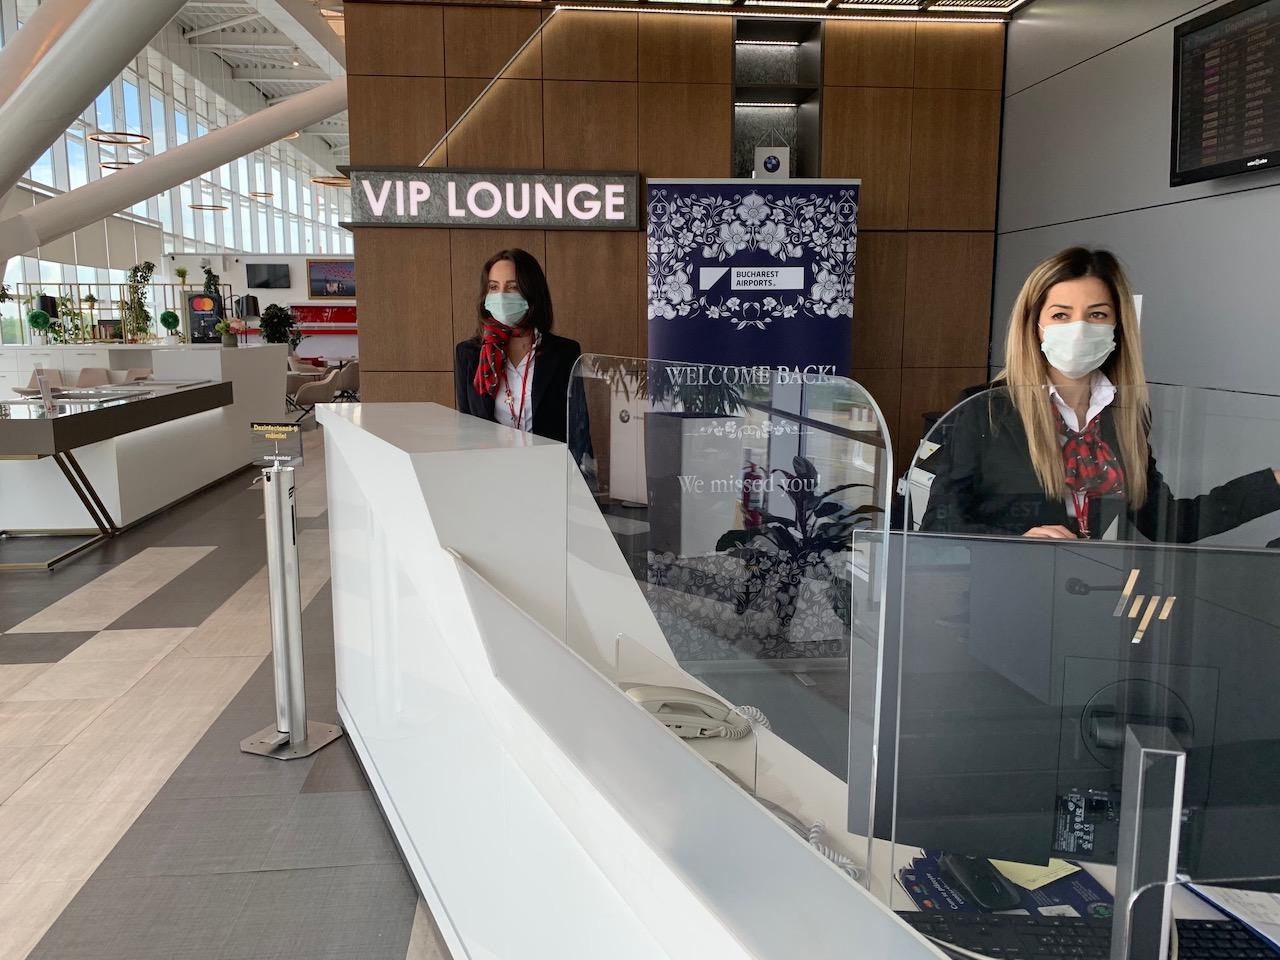 Zona VIP Lounge